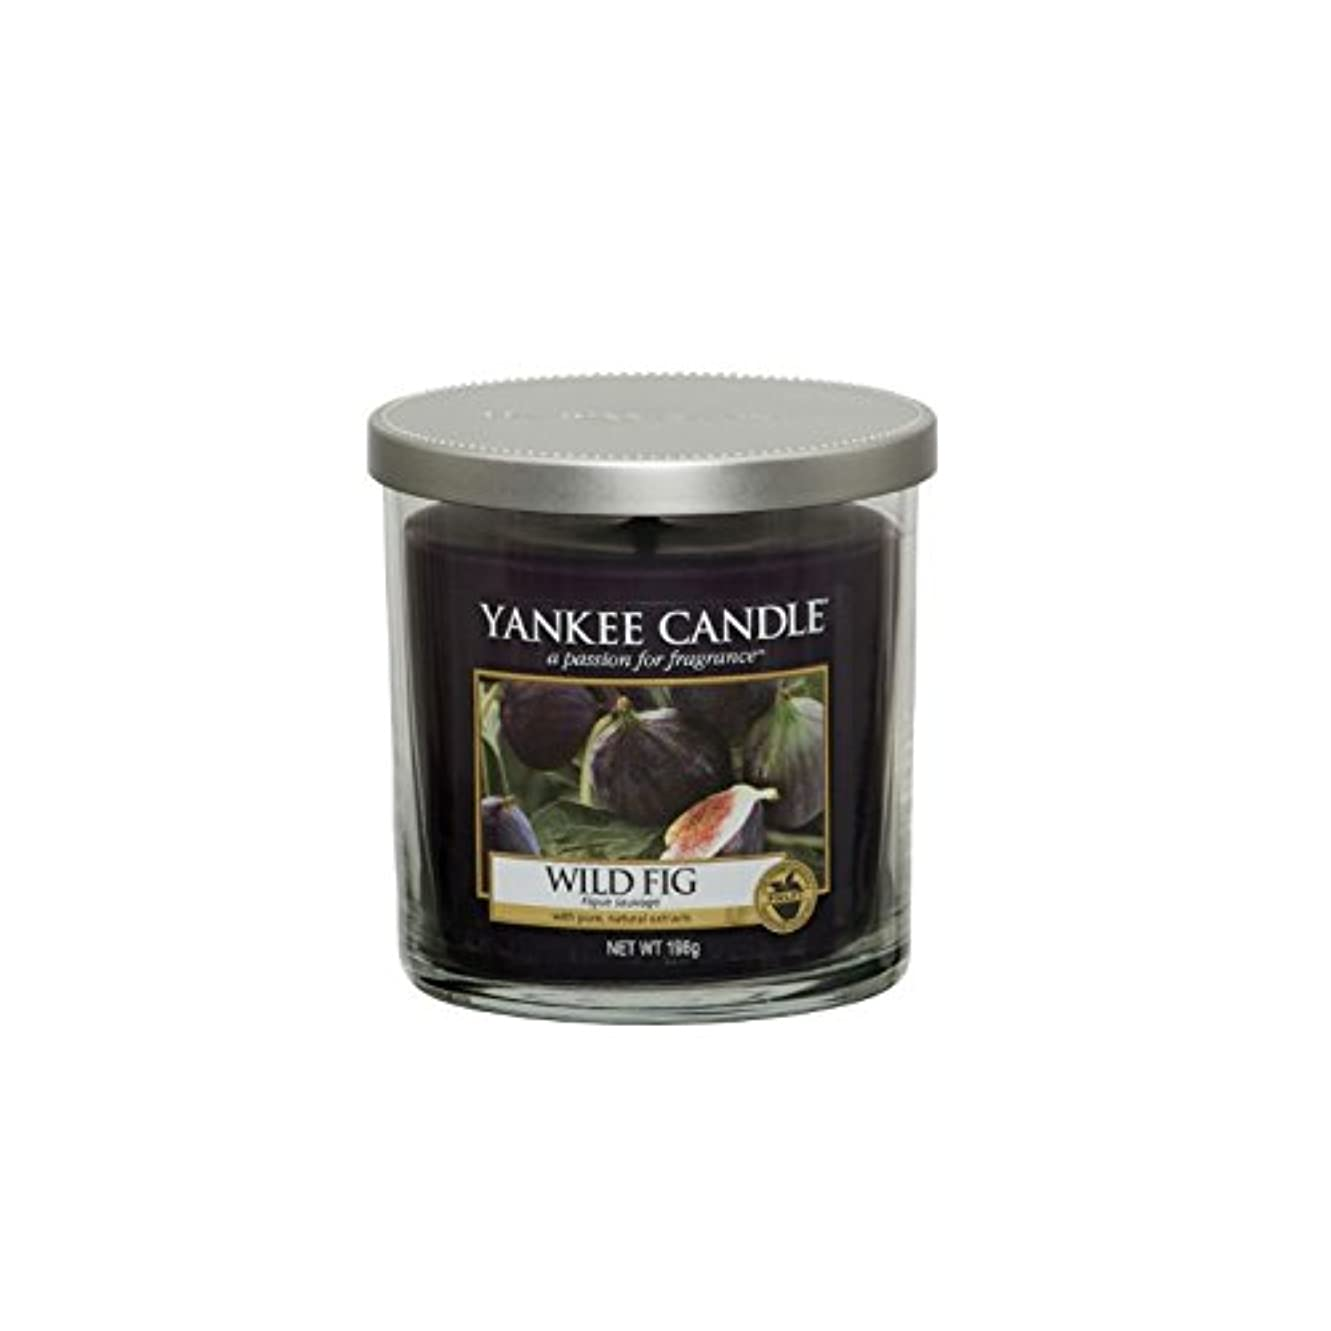 はしご注目すべき治すYankee Candles Small Pillar Candle - Wild Fig (Pack of 2) - ヤンキーキャンドルの小さな柱キャンドル - 野生のイチジク (x2) [並行輸入品]